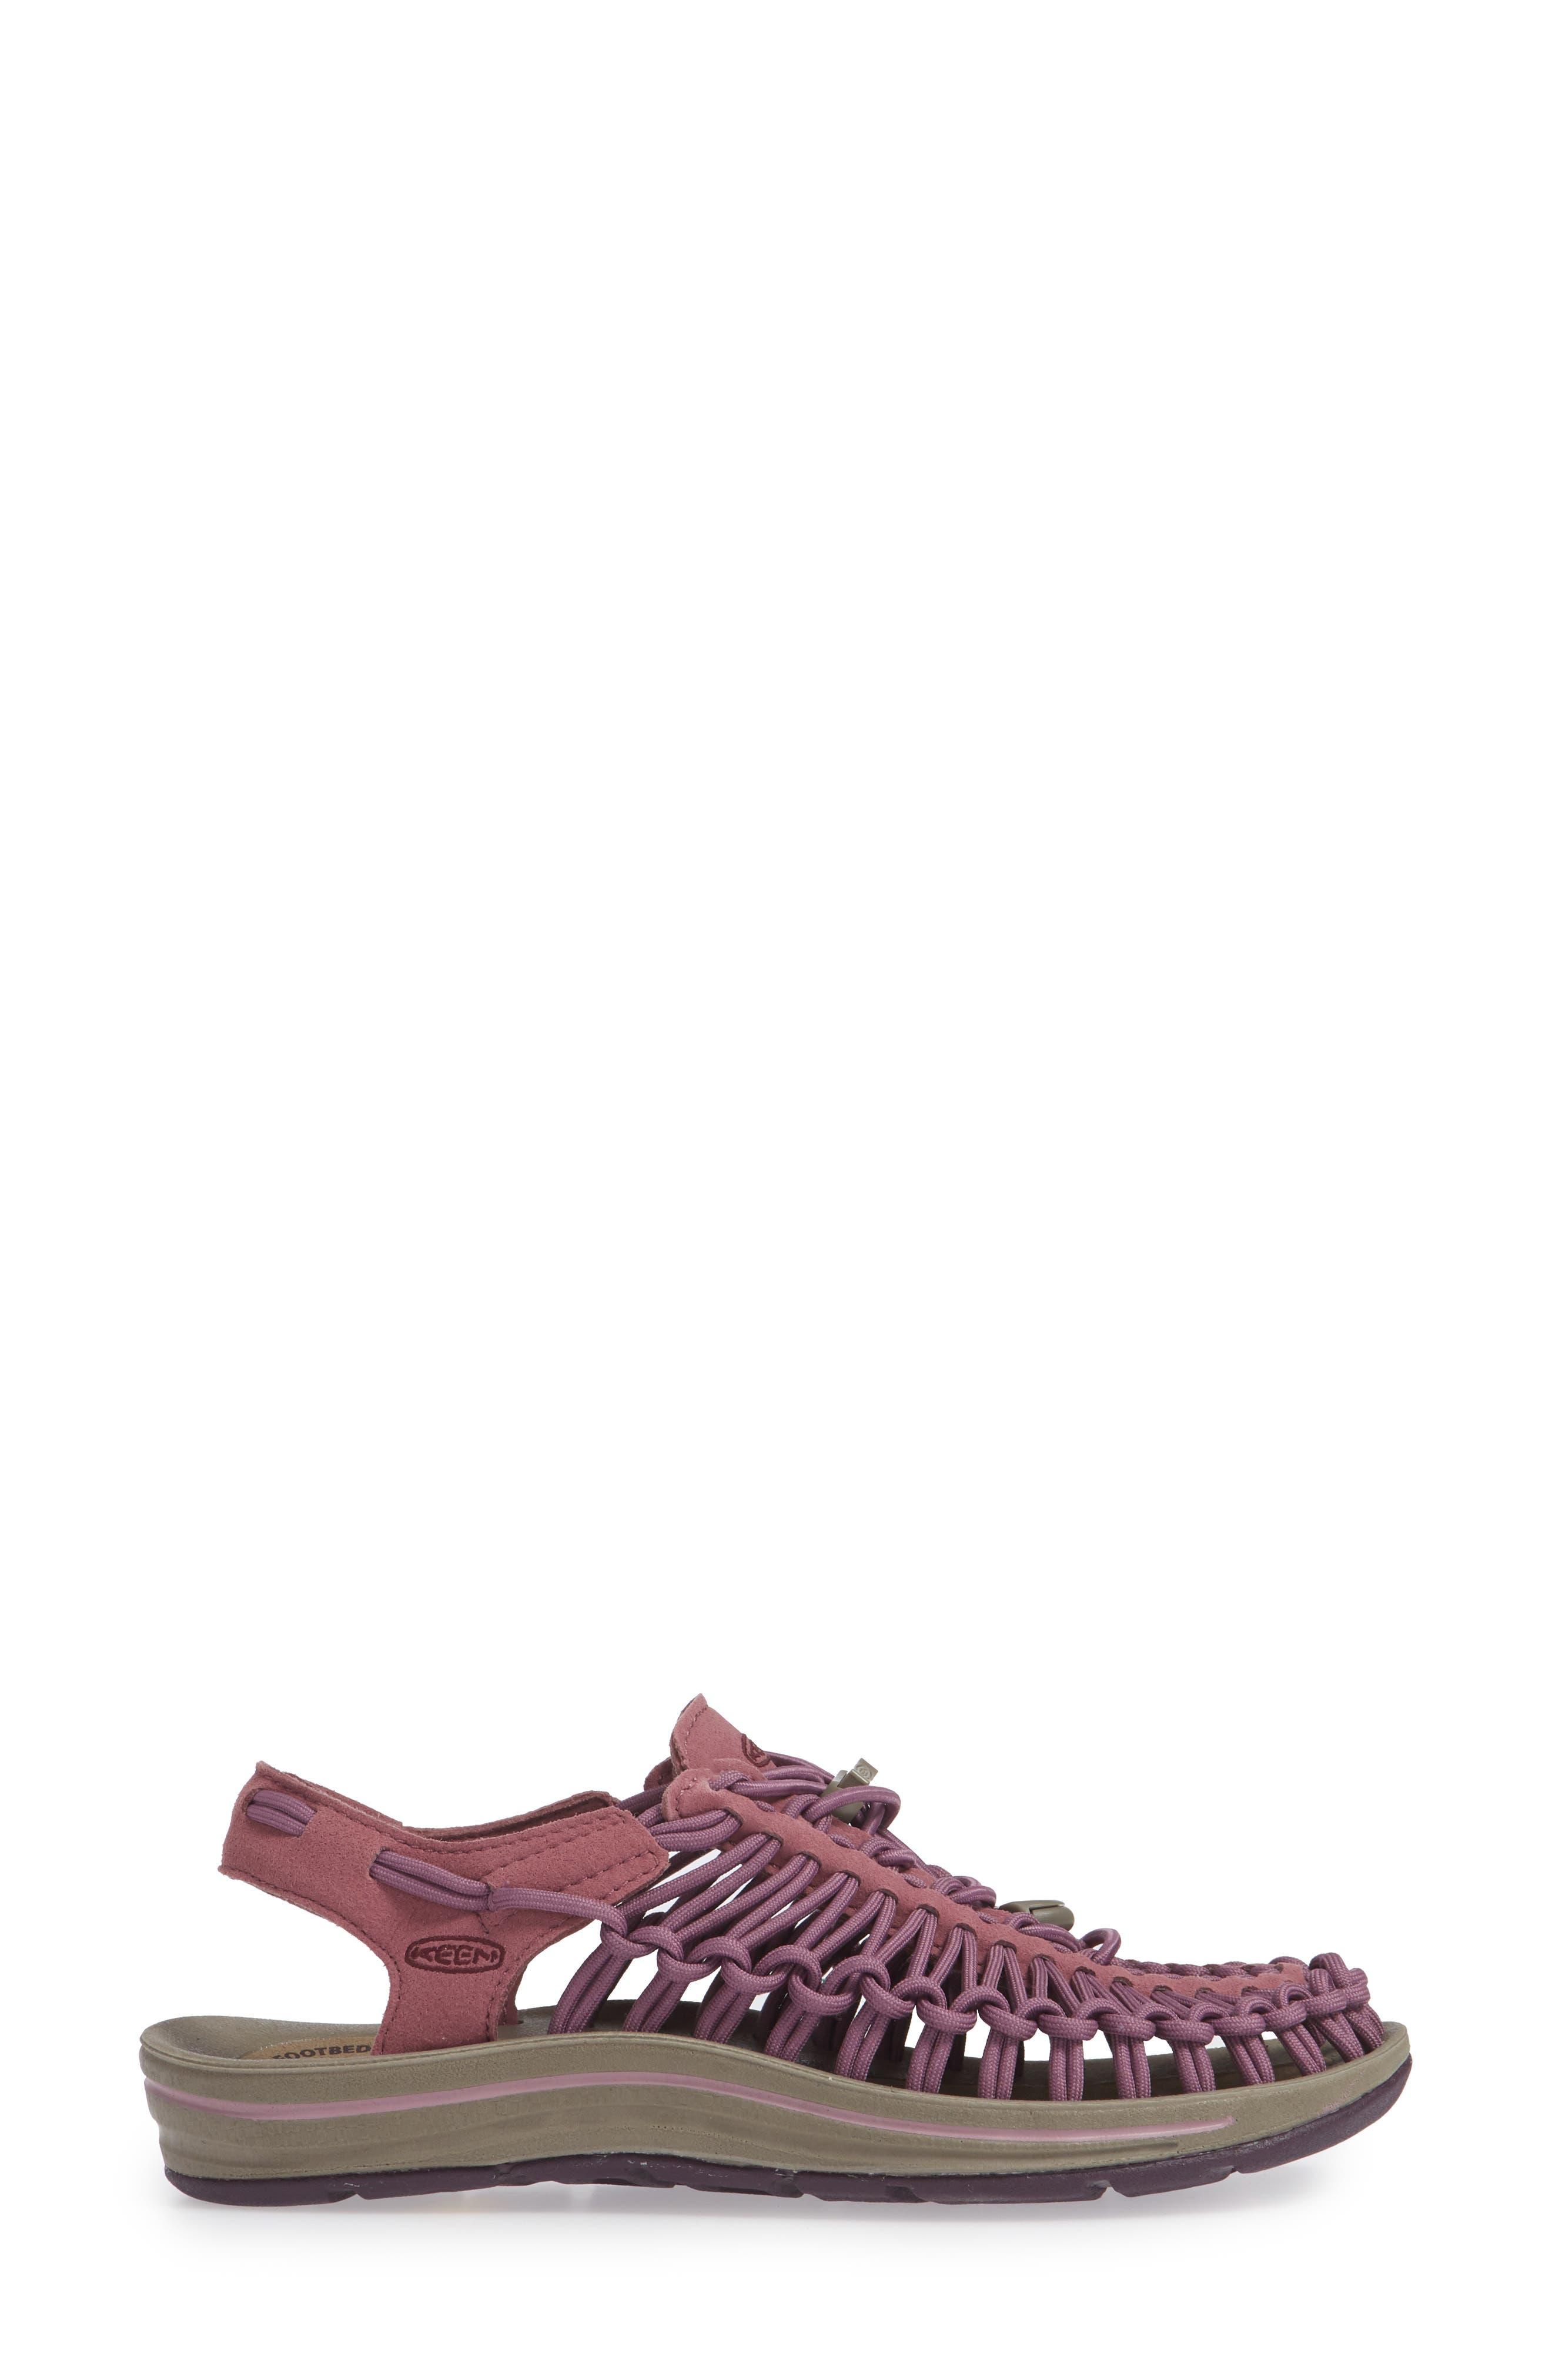 KEEN, 'Uneek' Water Sneaker, Alternate thumbnail 3, color, TULIPWOOD/ WINETASTING